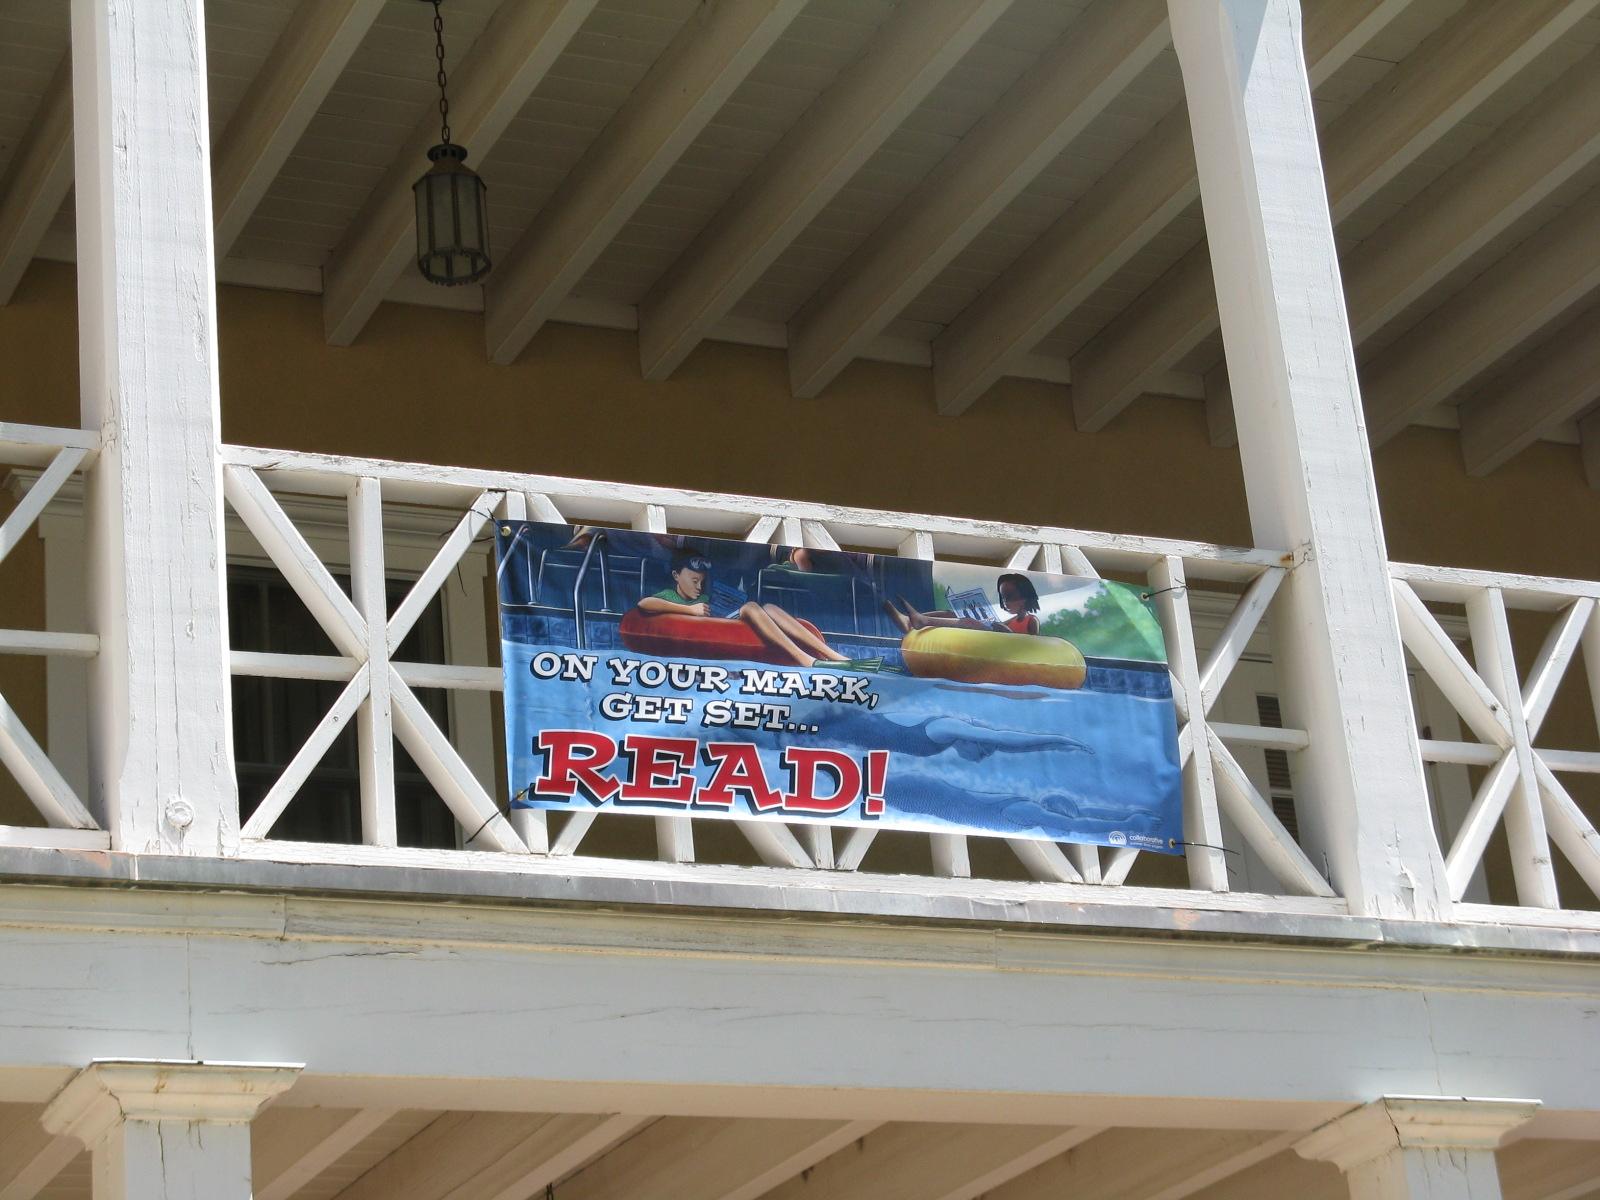 Blog ready set read summer reading program starting soon at sfpl